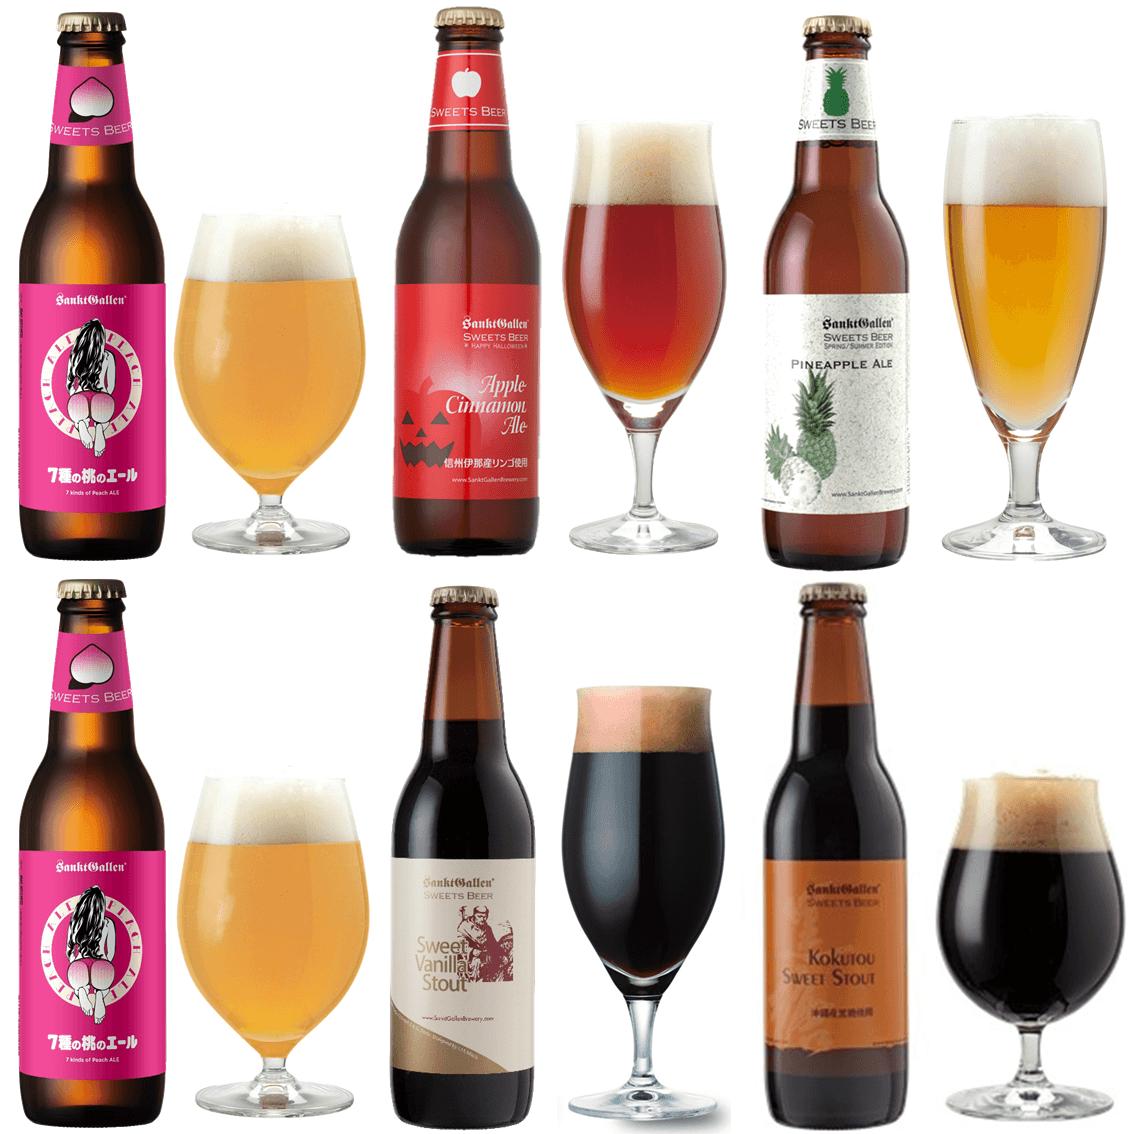 7種の桃のエール入フレーバービール5種6本セット